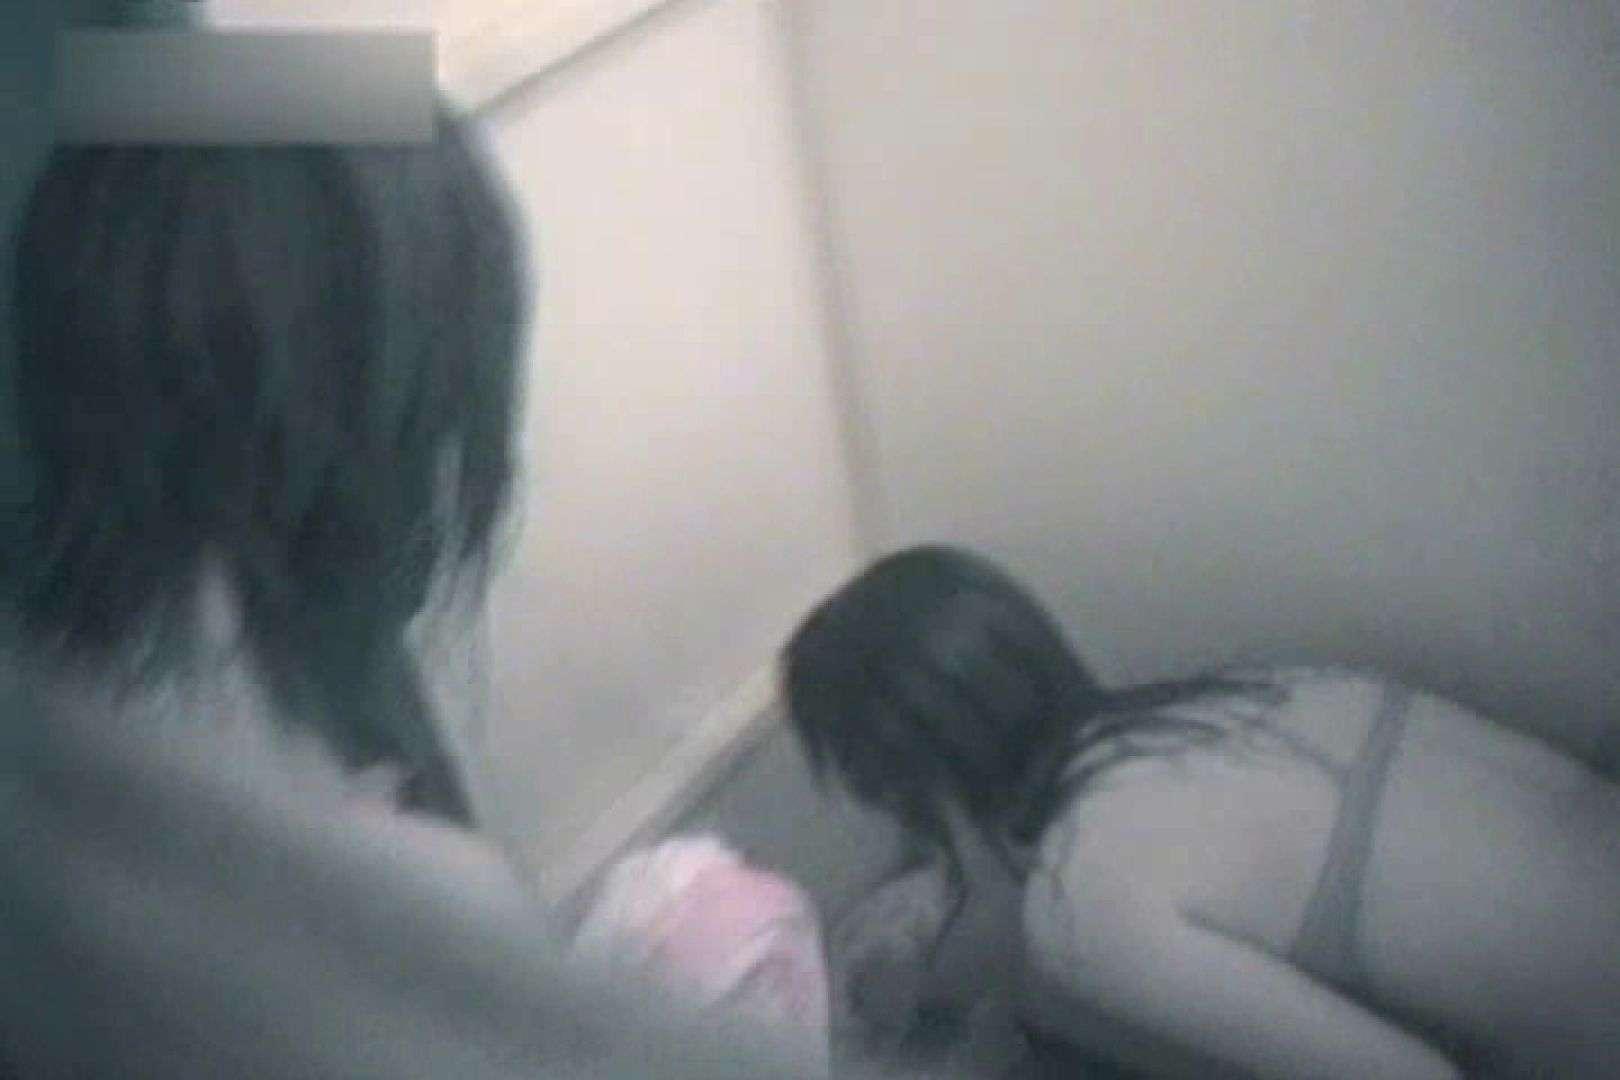 夏海シャワー室!ベトベトお肌をサラサラに!VOL.02 おっぱい 盗み撮り動画キャプチャ 63PIX 9